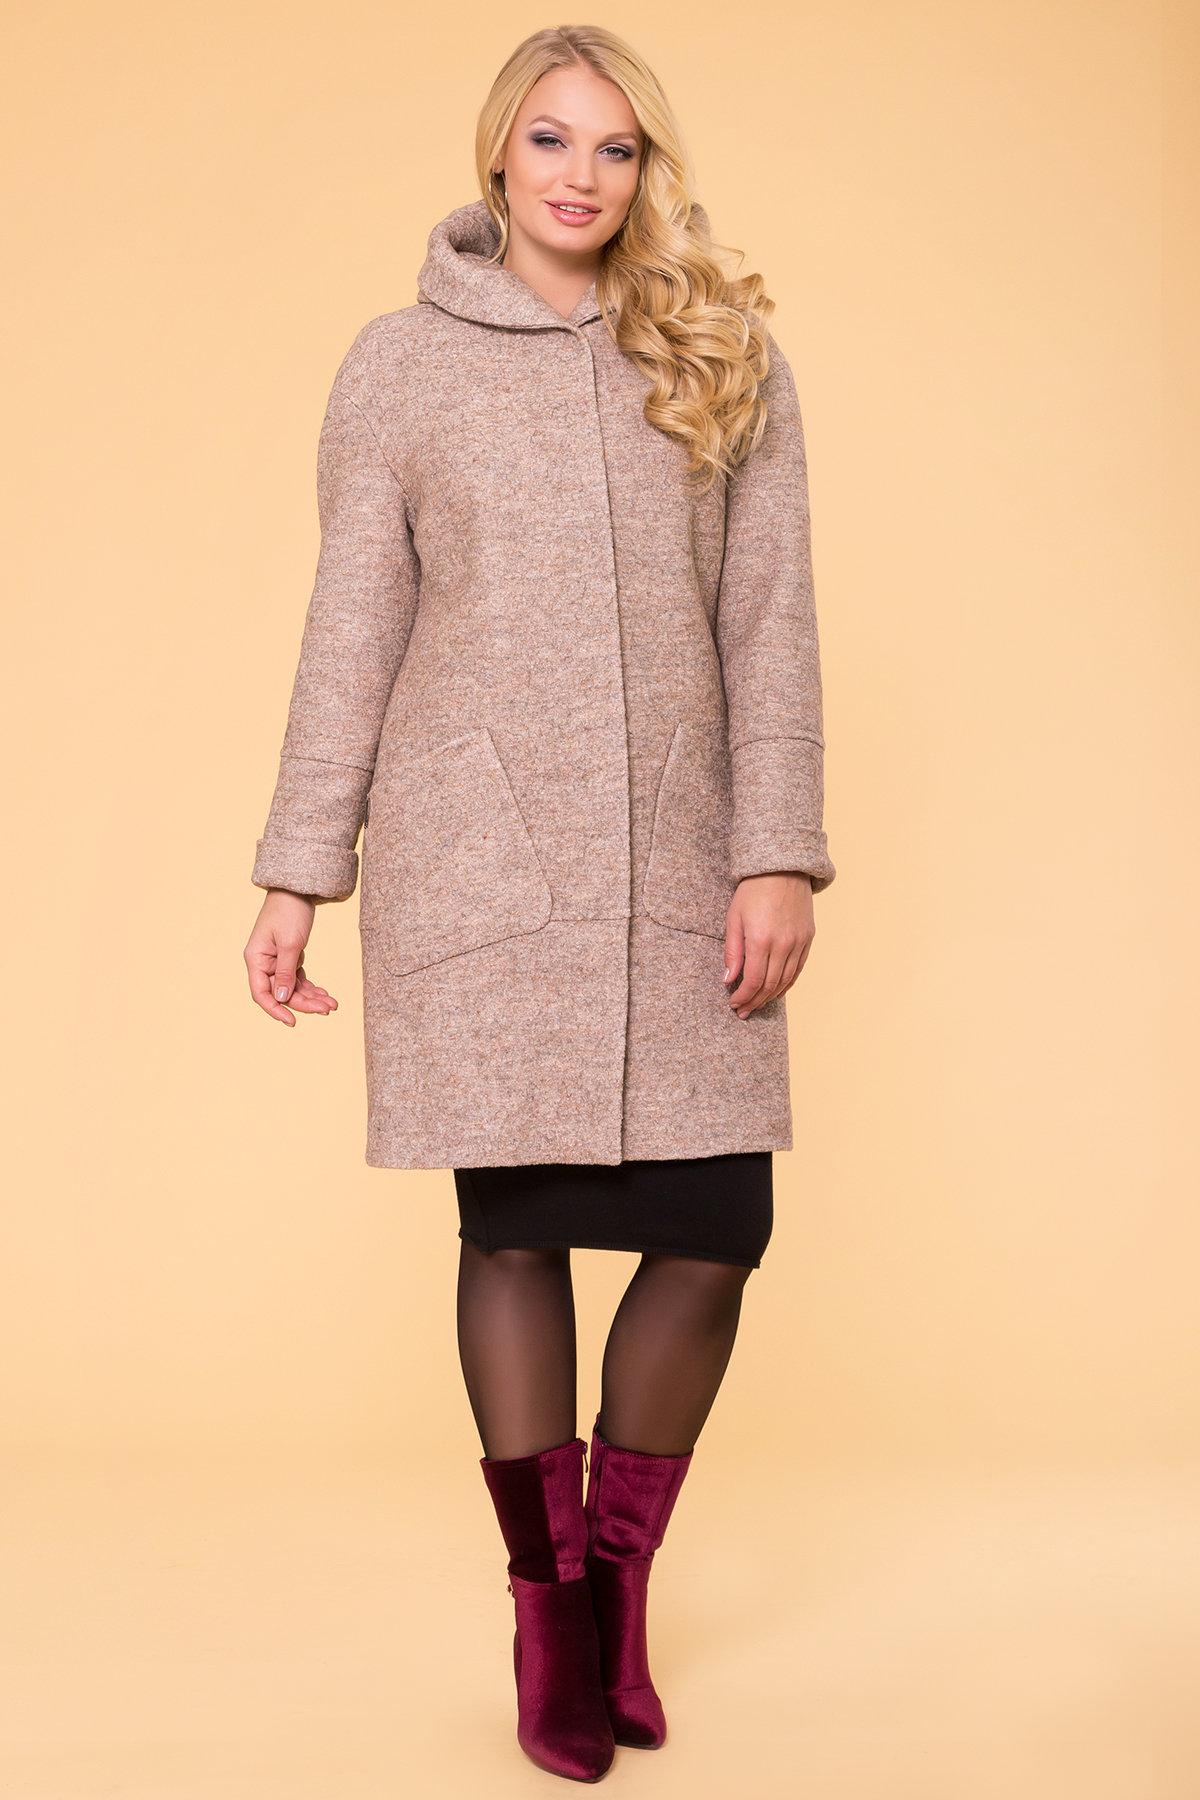 Пальто зима Анита Donna 3720 Цвет: Бежевый 13